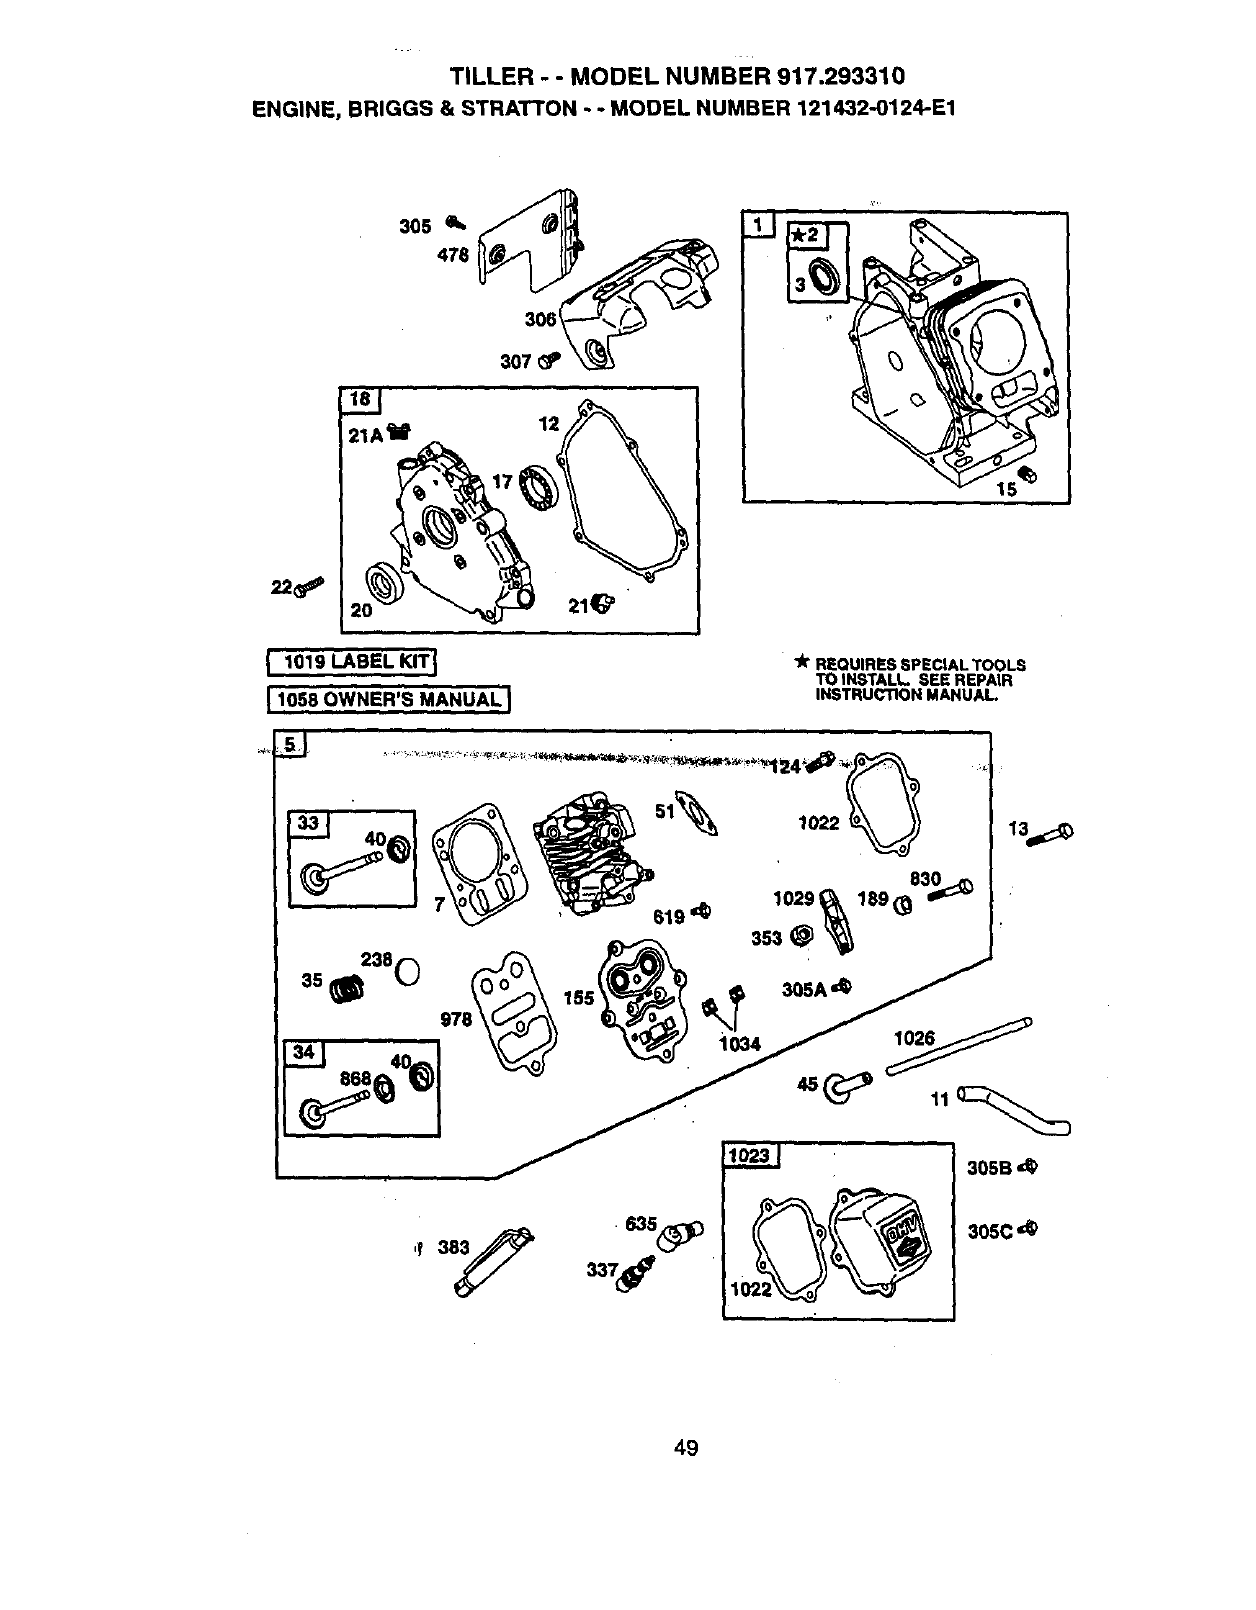 Page 29 of Craftsman Tiller 917.29331 User Guide